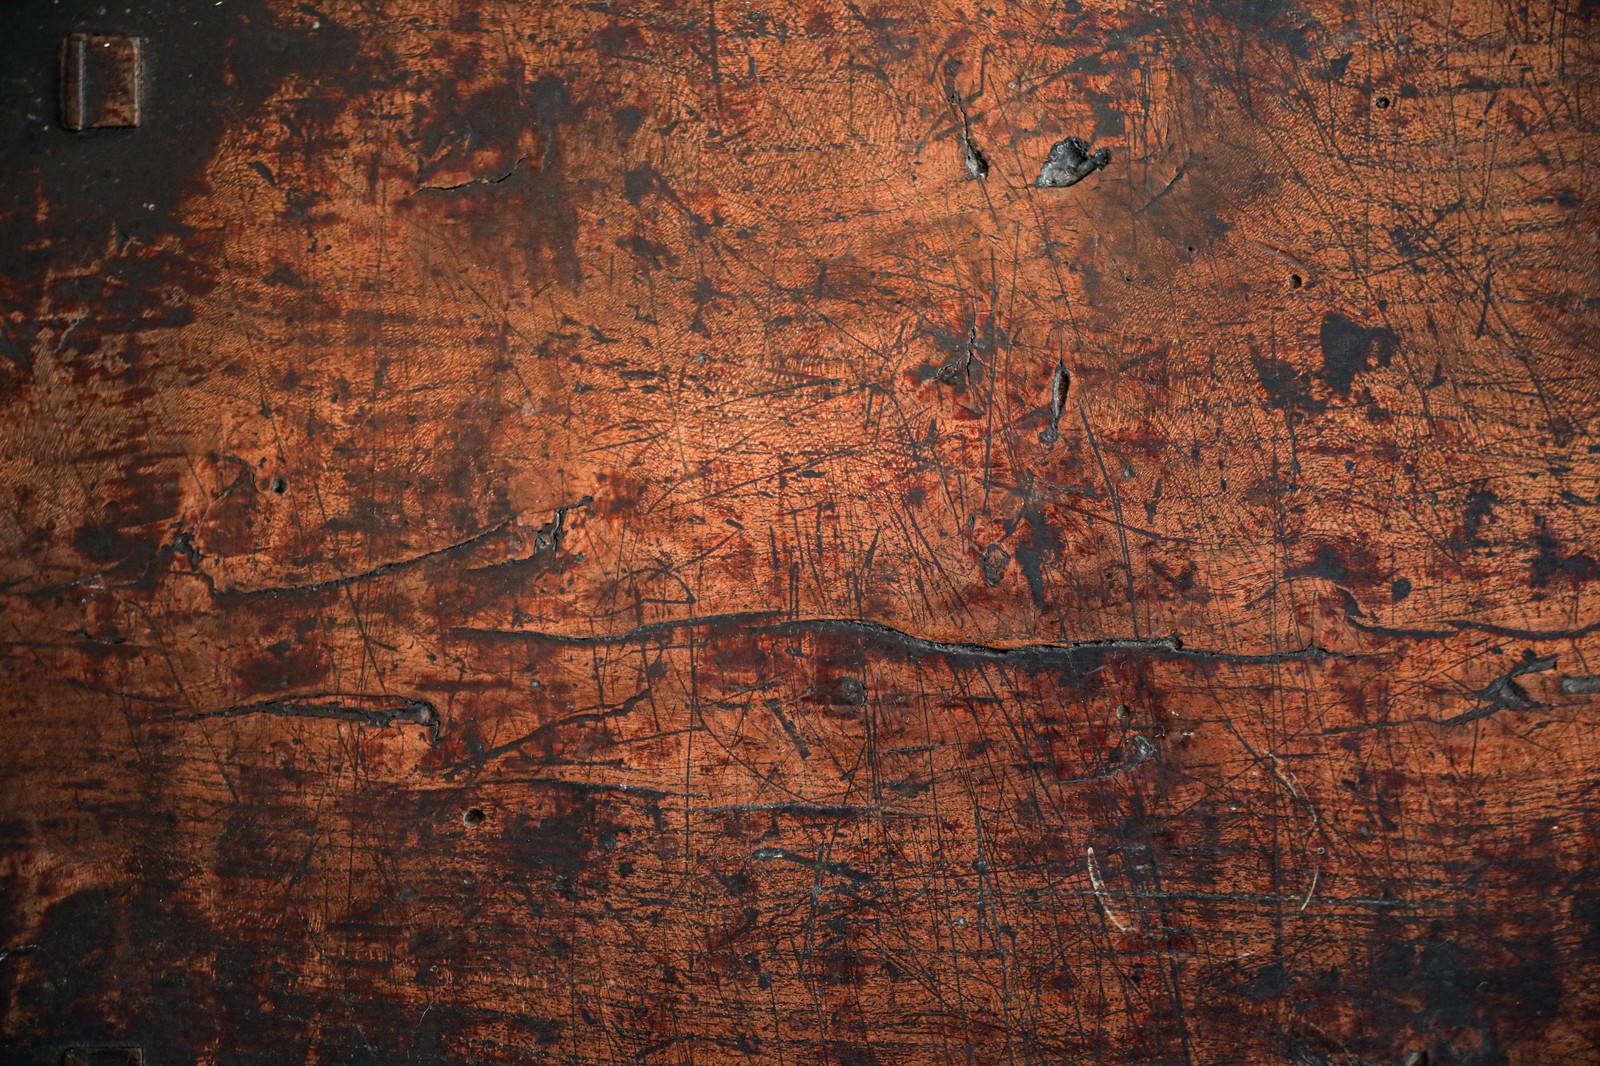 「表面の傷に黒いシミと汚れが付着する棚板(テクスチャ)」の写真